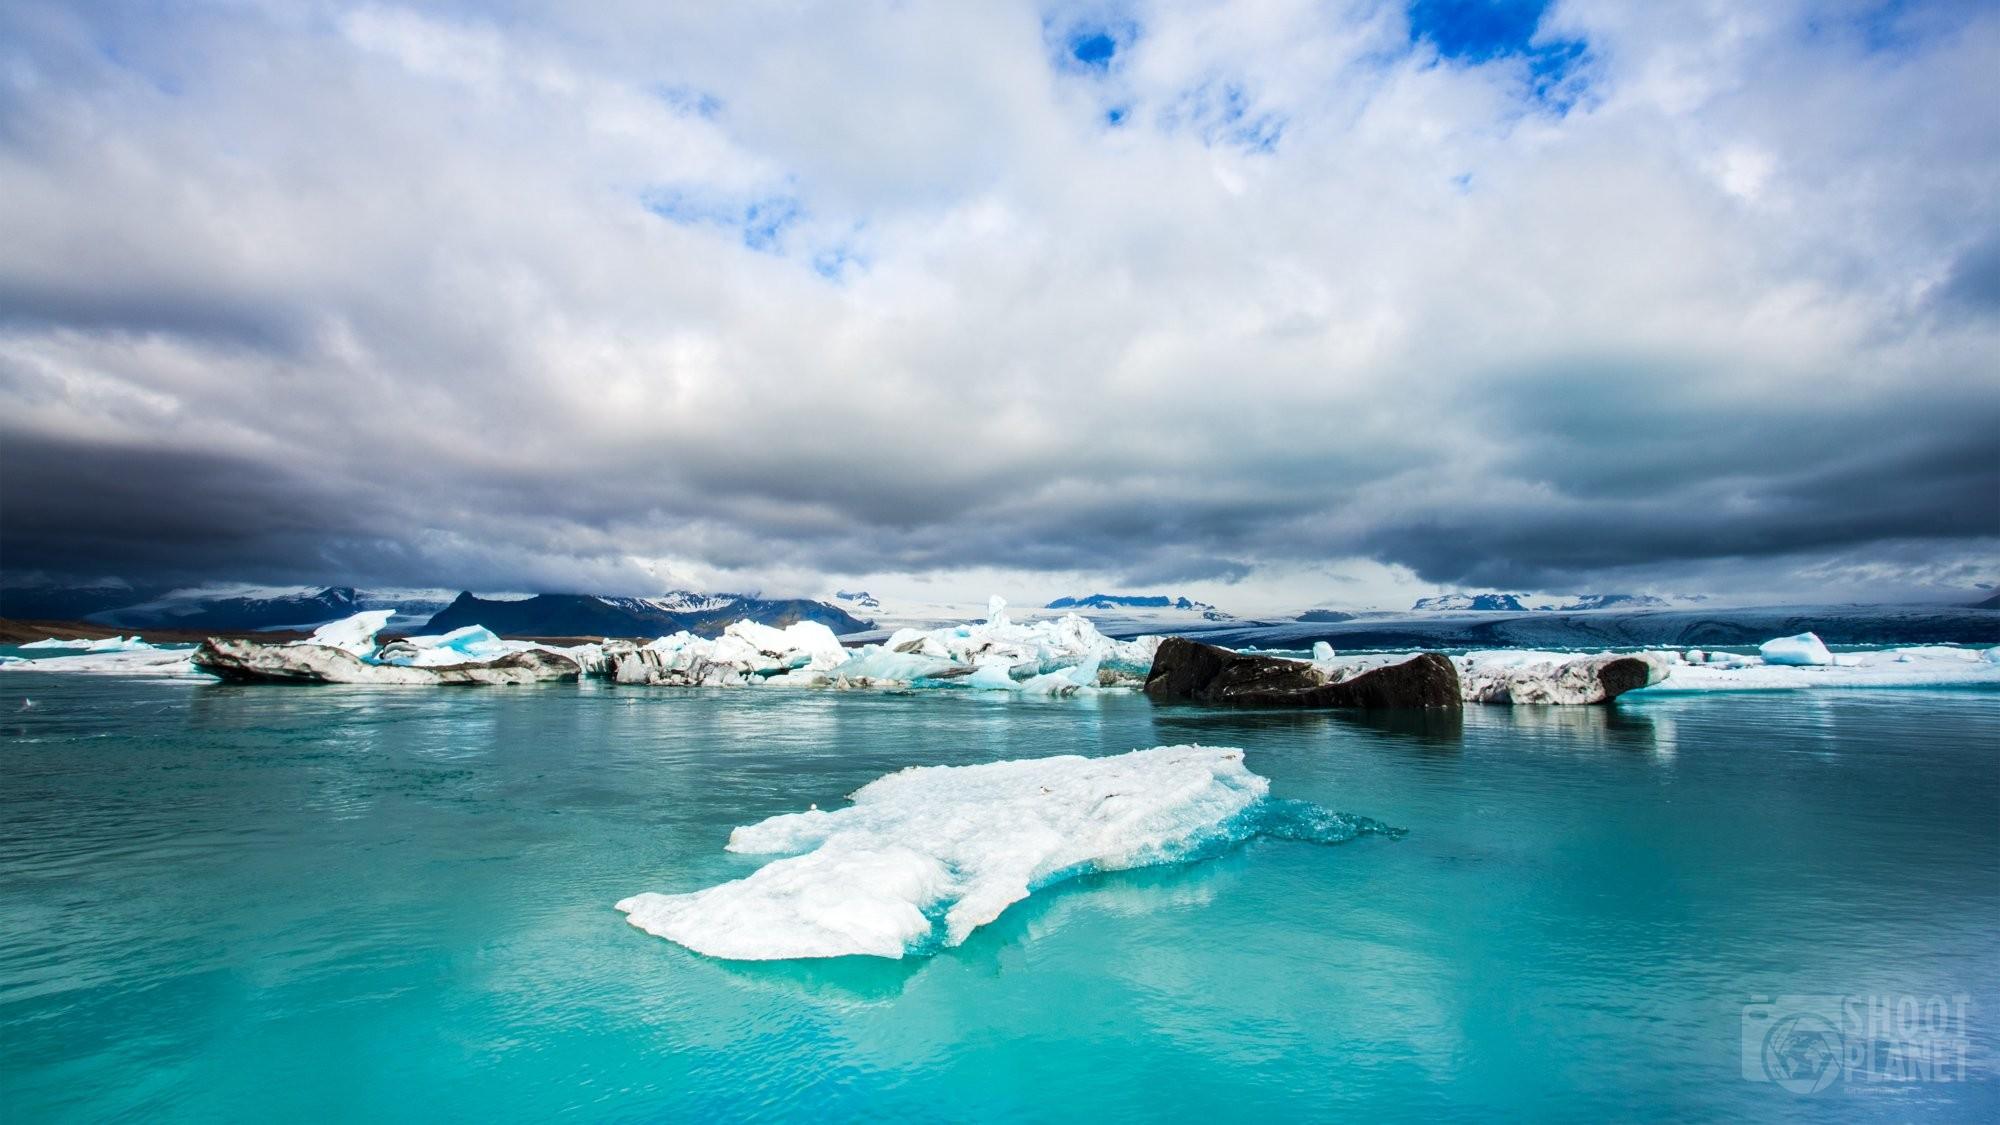 Icebergs in Jokulsarlon lagoon Iceland